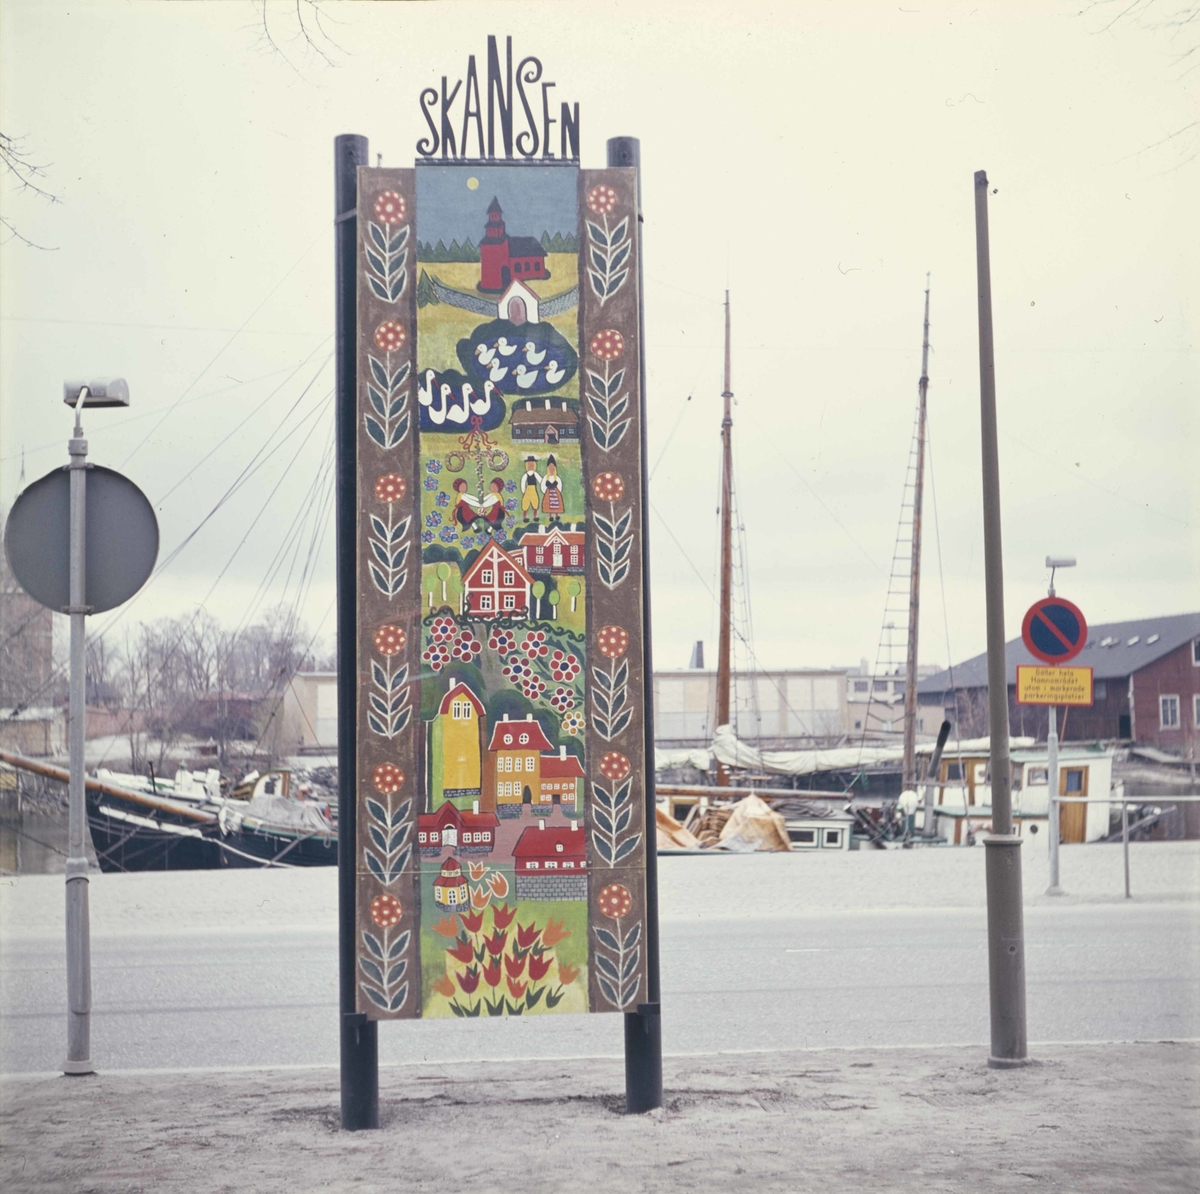 Skansens skyltning på Strandvägen i Stockholm.